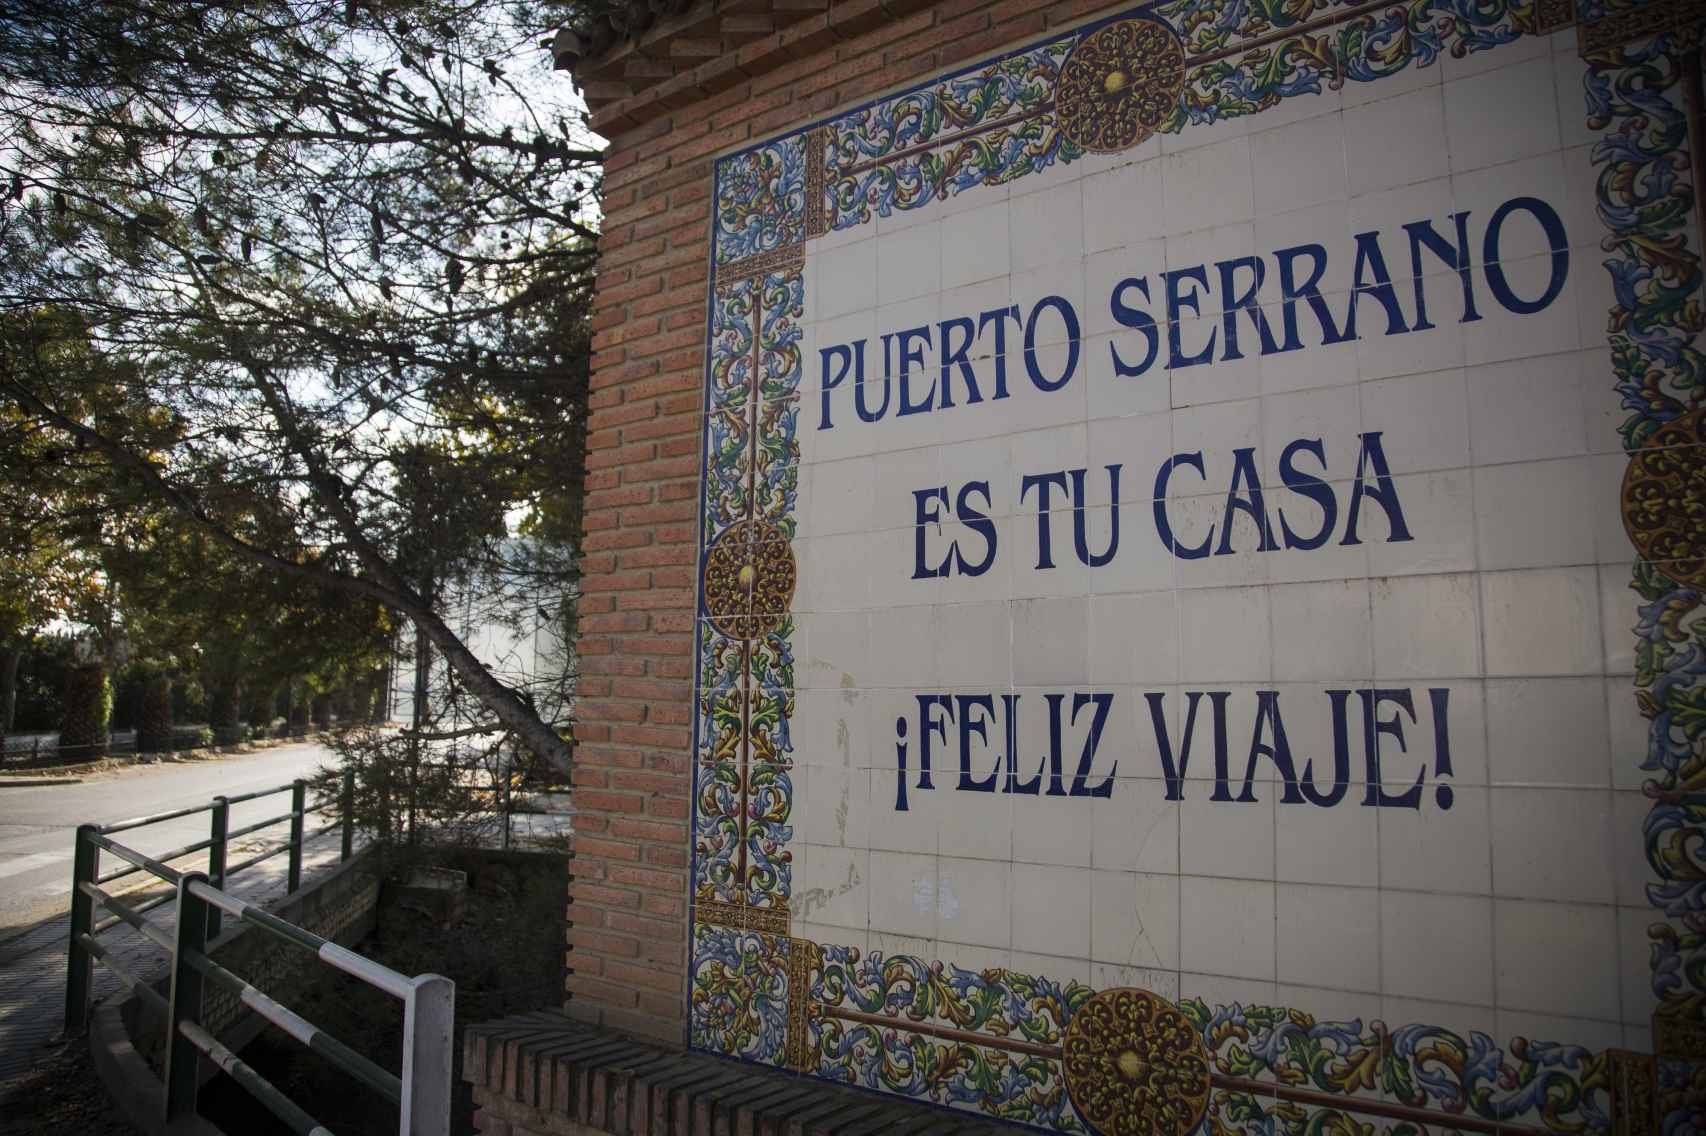 Un letrero despide al visitante al abandonar Puerto Serrano.